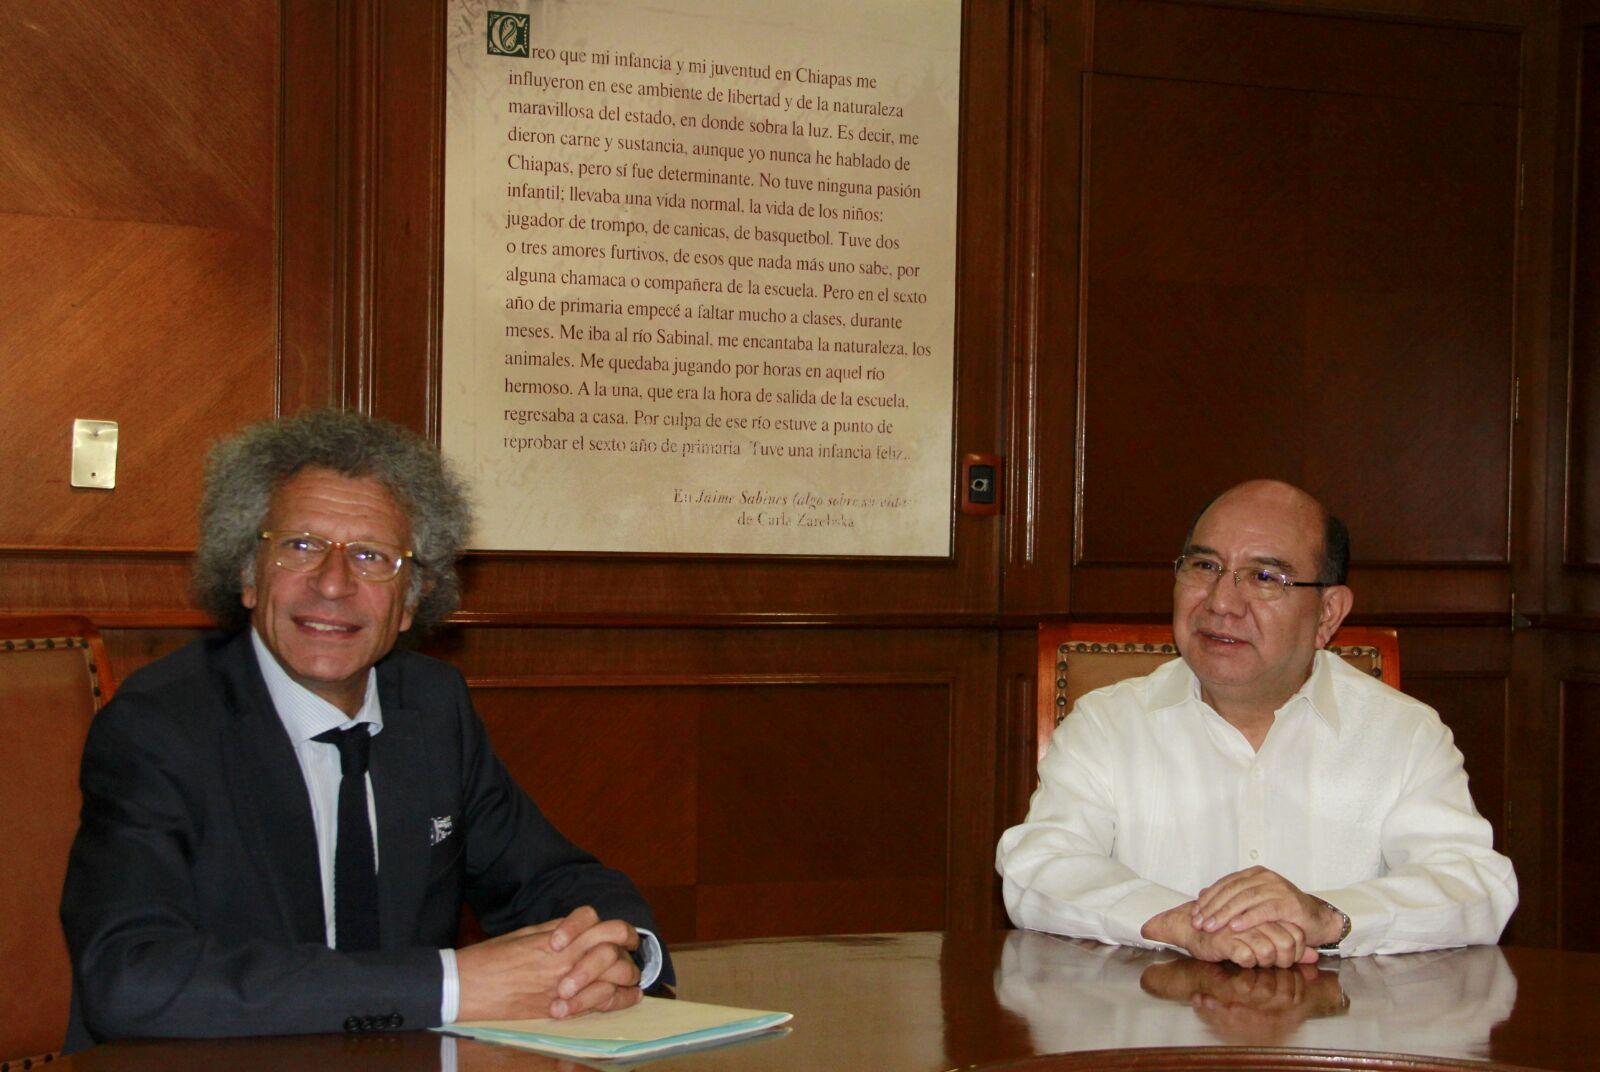 Italia y Chiapas por el impulso al turismo, economía y cultura